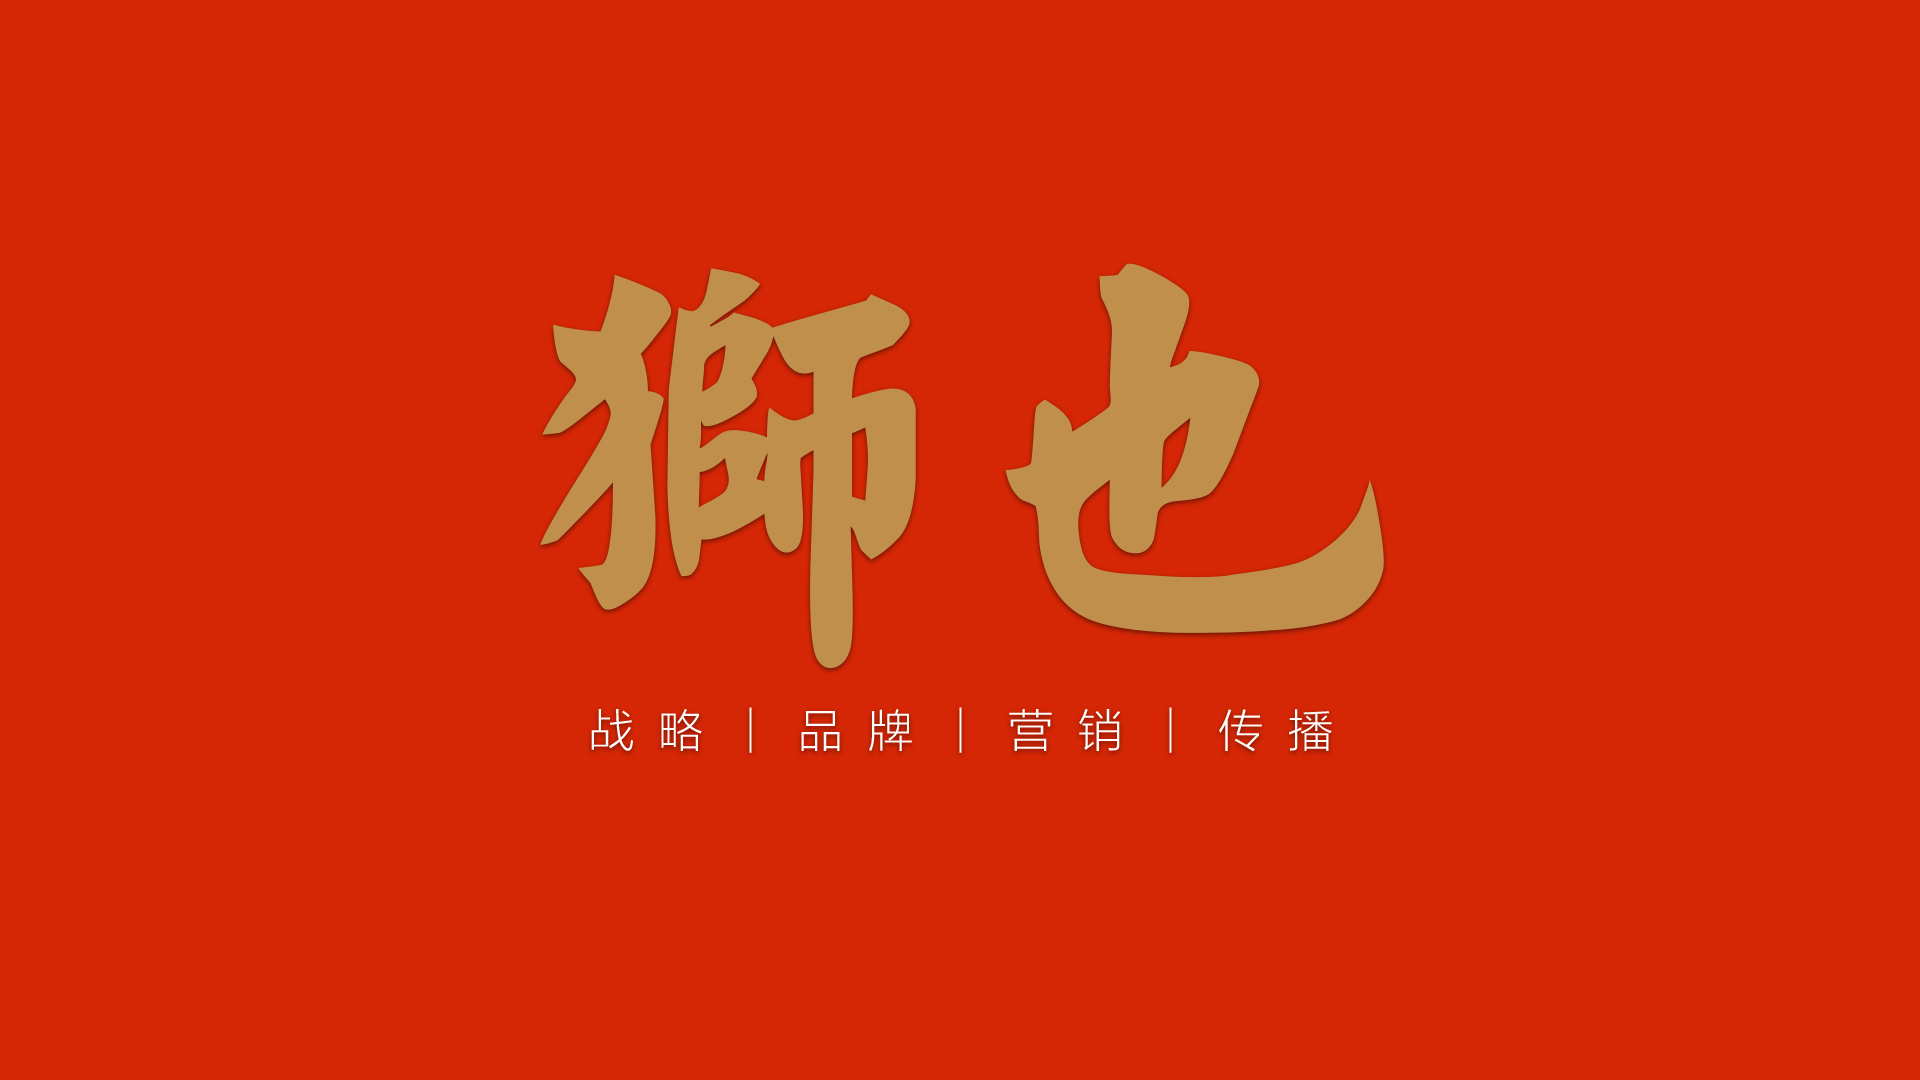 上海营销策划公司—中秋节 新媒体促销活动示例1